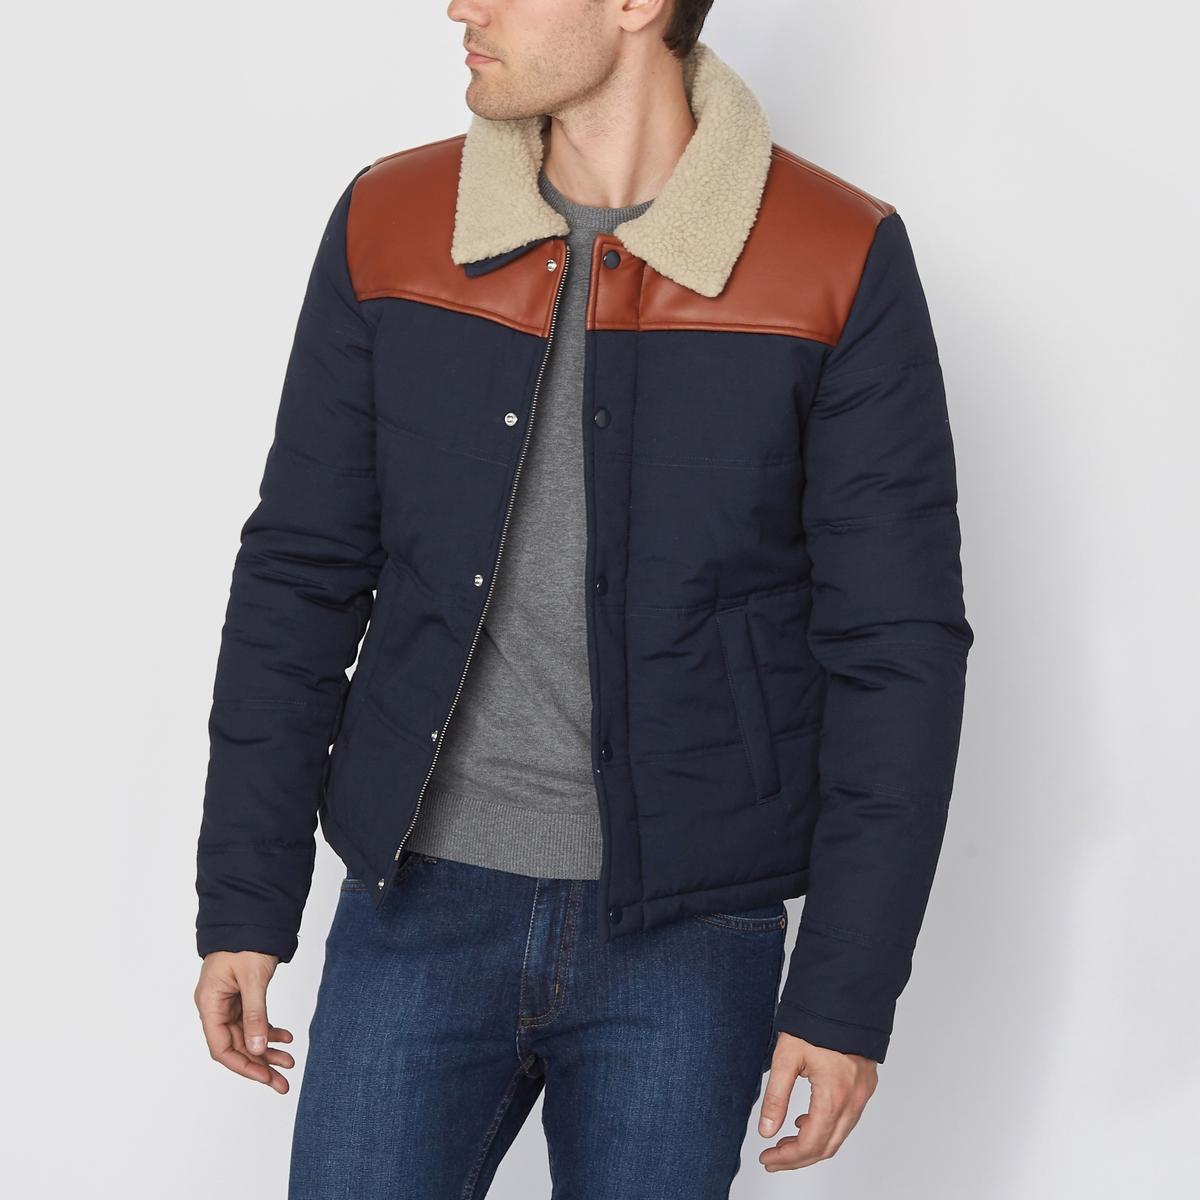 Куртка стеганаяСостав и описание :Материал : 100% хлопка.Марка : R edition<br><br>Цвет: темно-синий<br>Размер: XXL